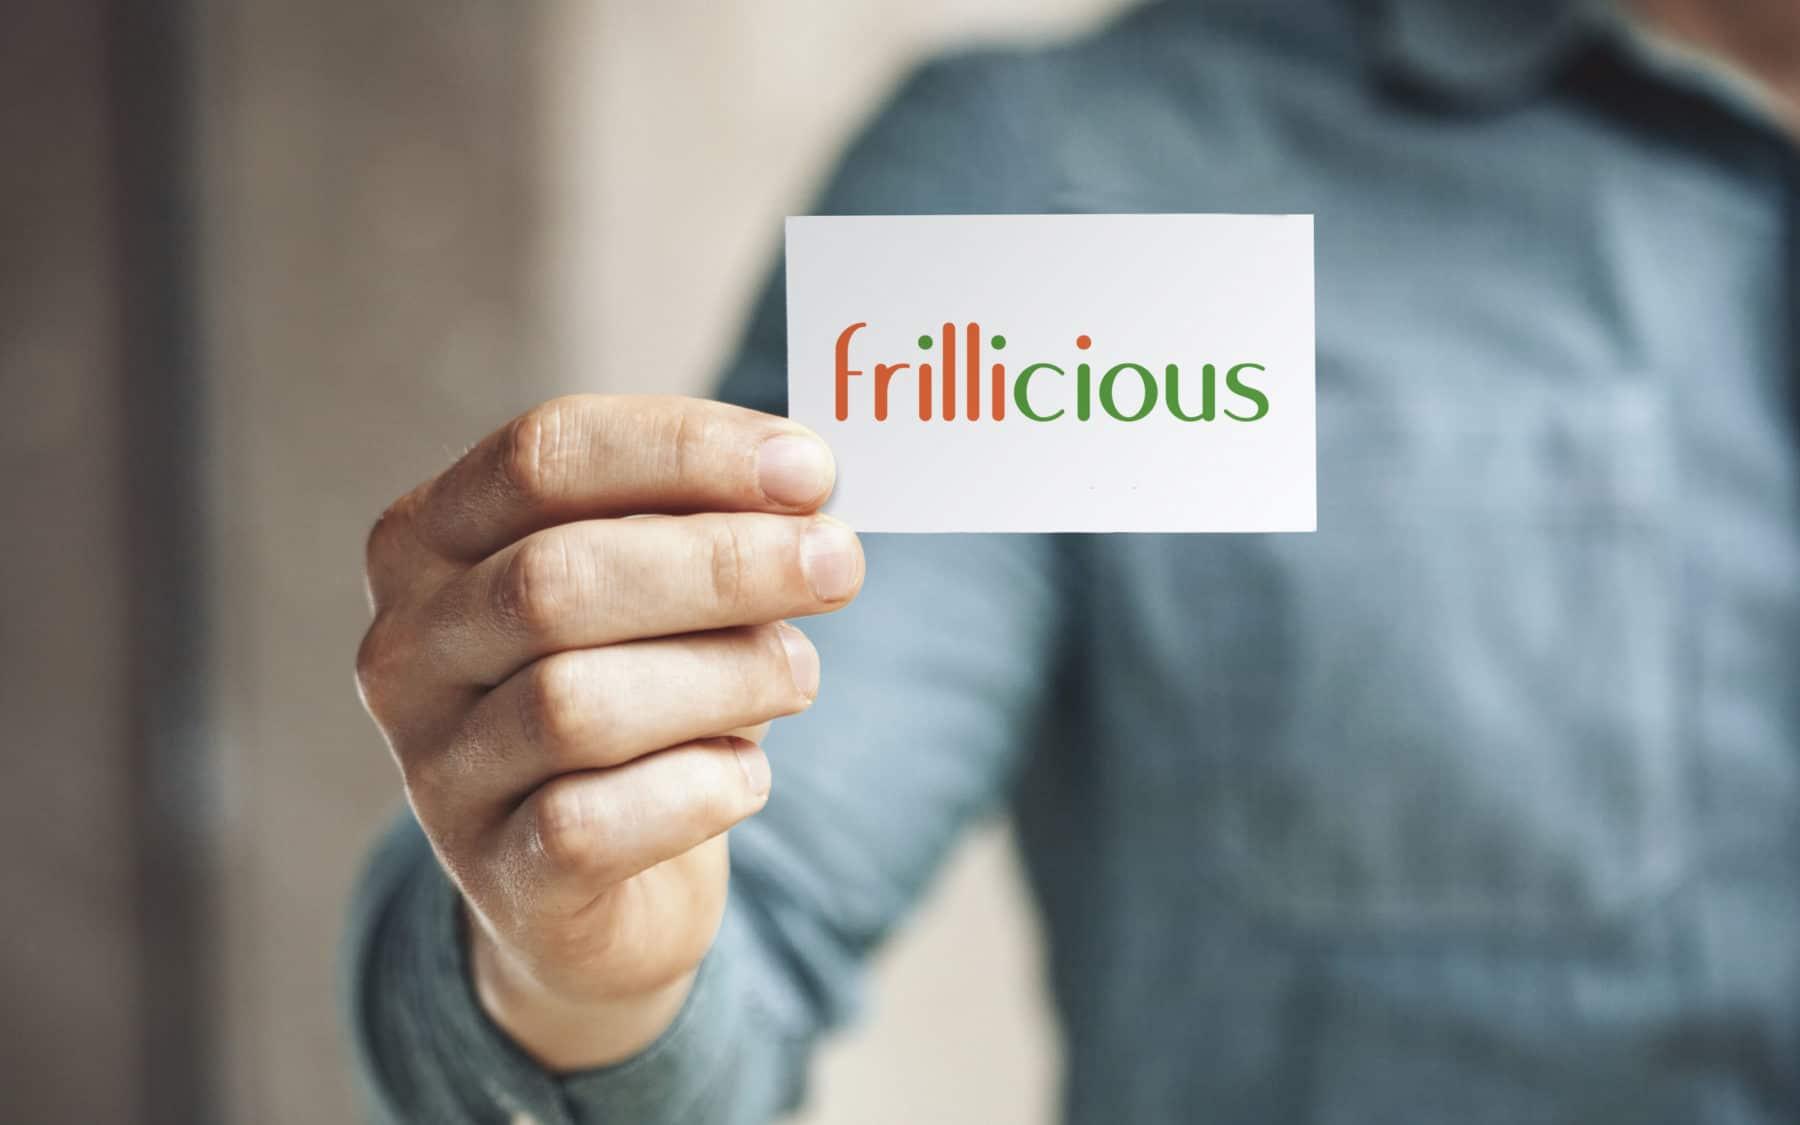 Frilicous 1